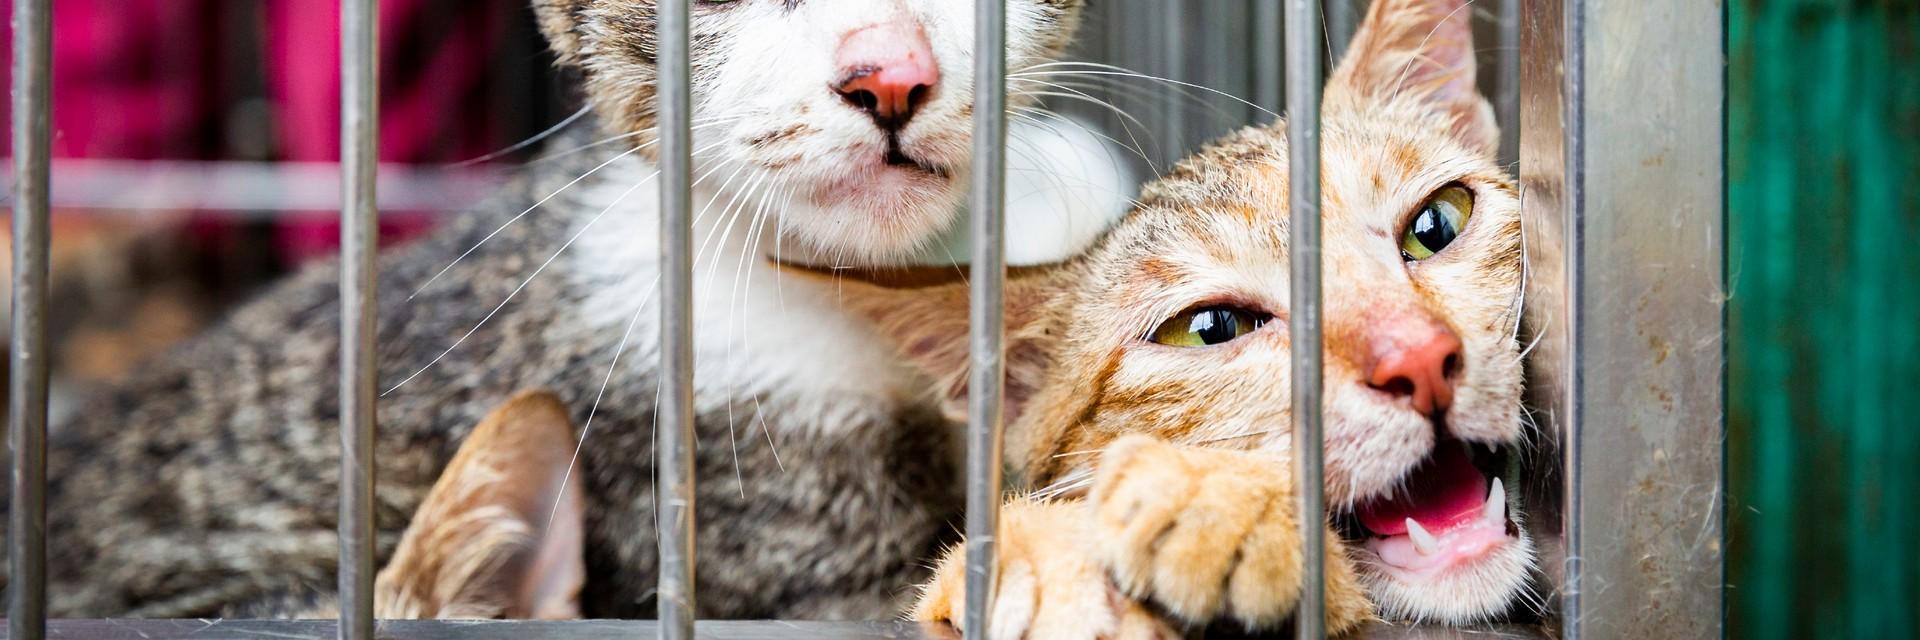 Deux chats dans une cage destiné à être consommés